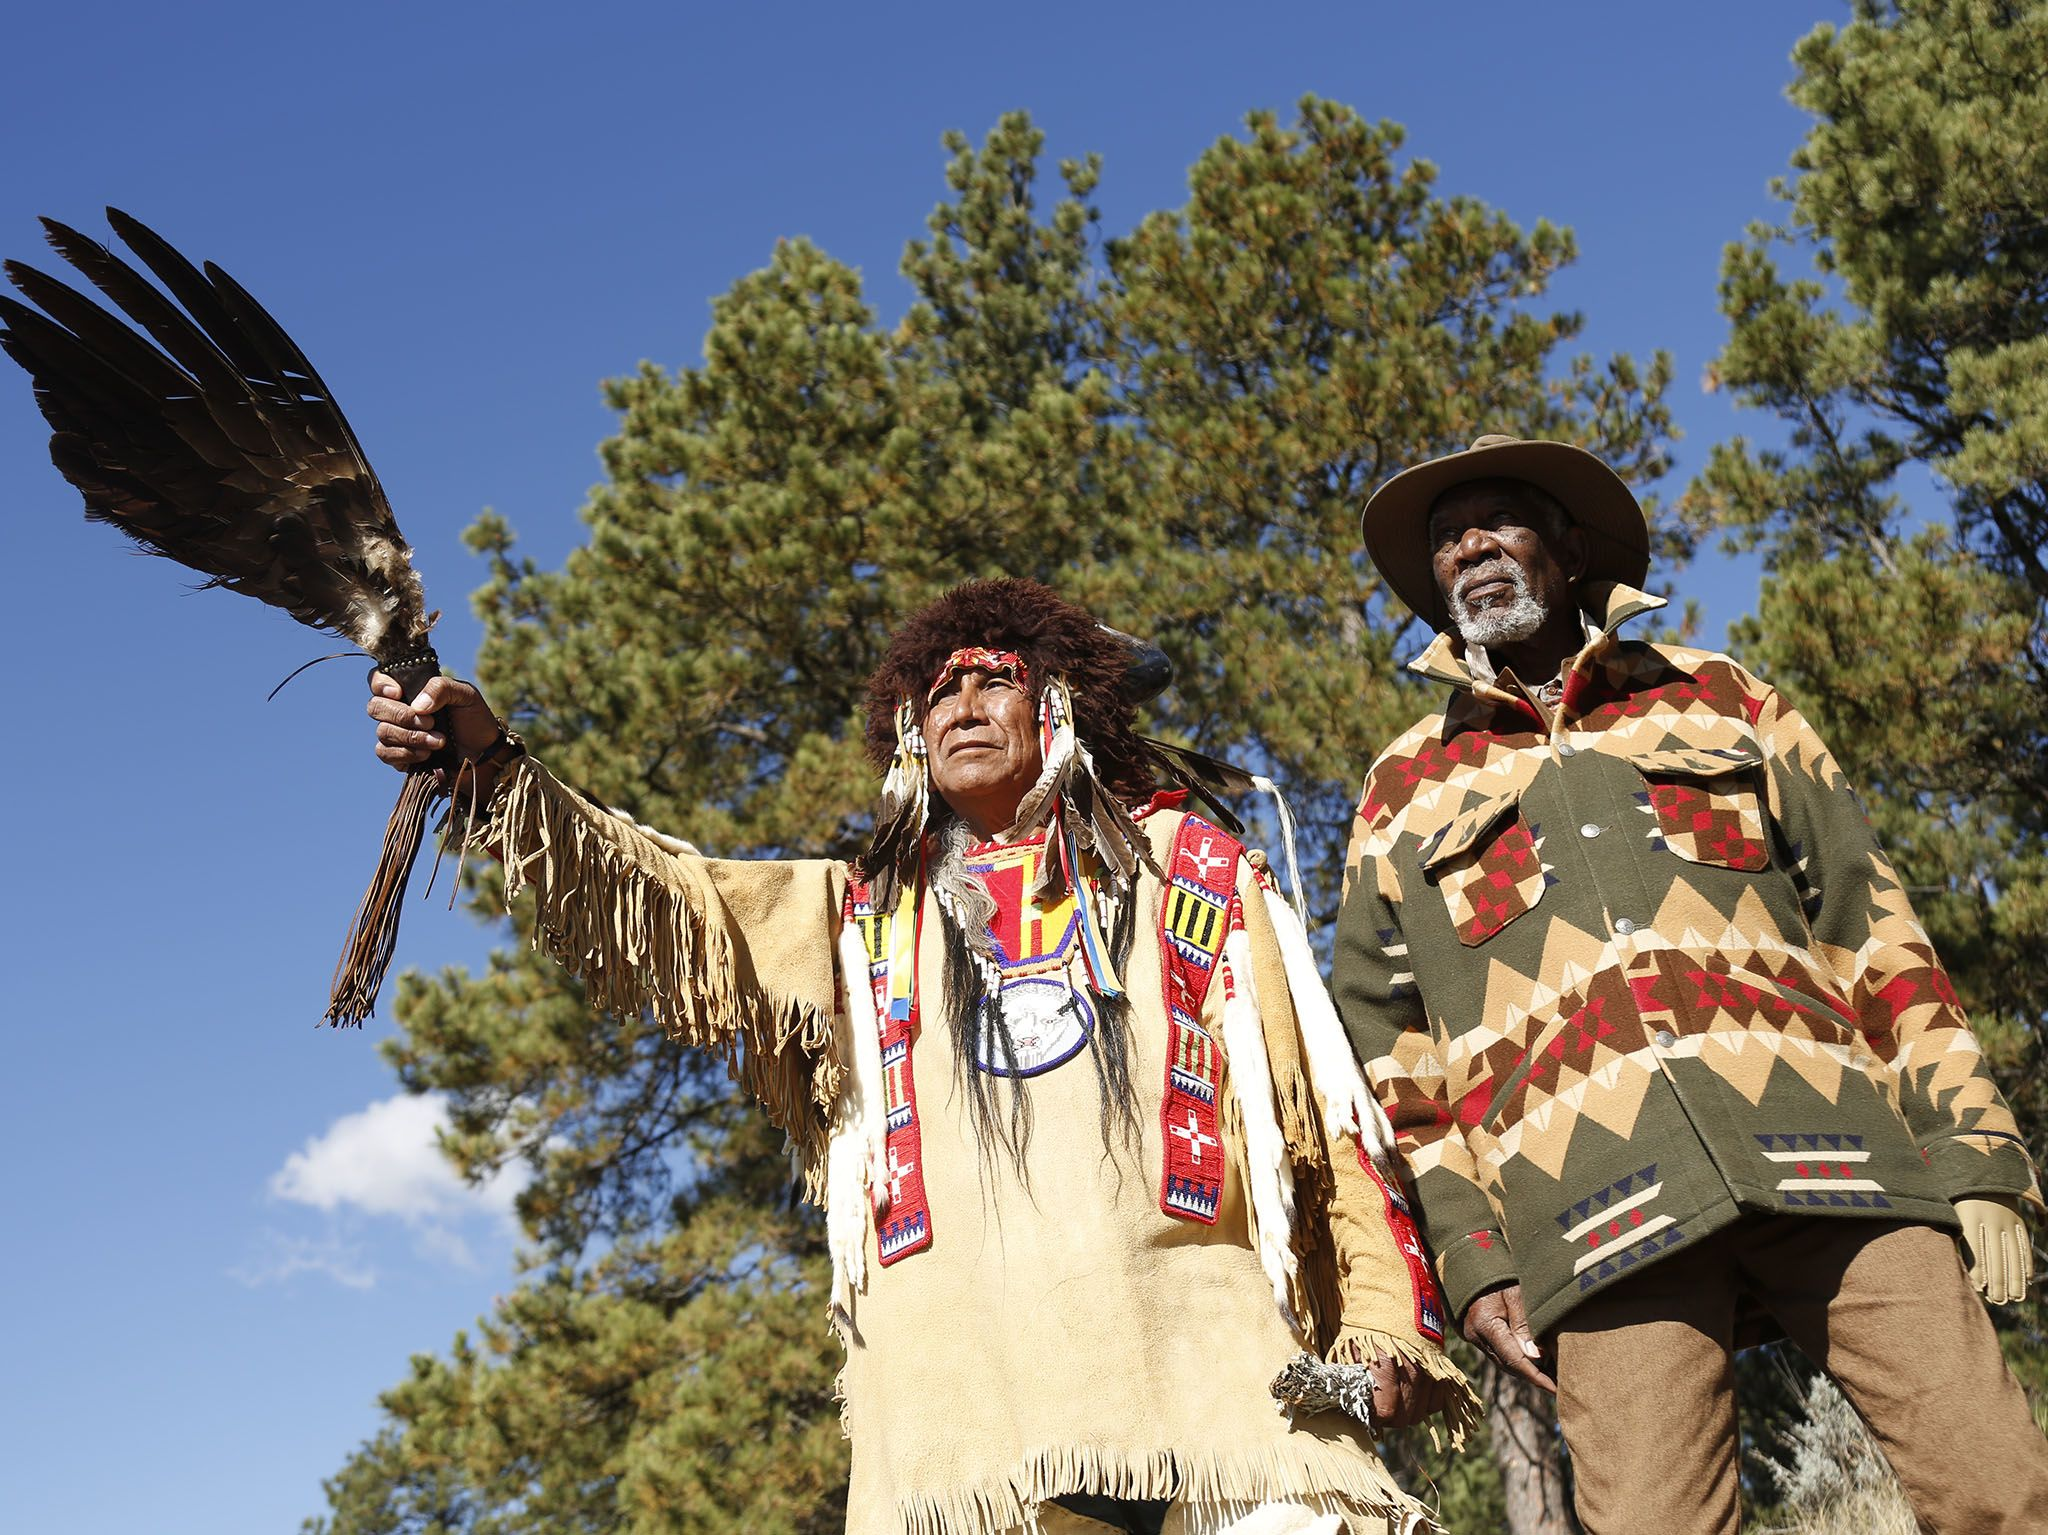 برج الشياطين، وايومنغ: مورغان فريمان ورئيس قبائل... [Photo of the day - أبريل 2017]